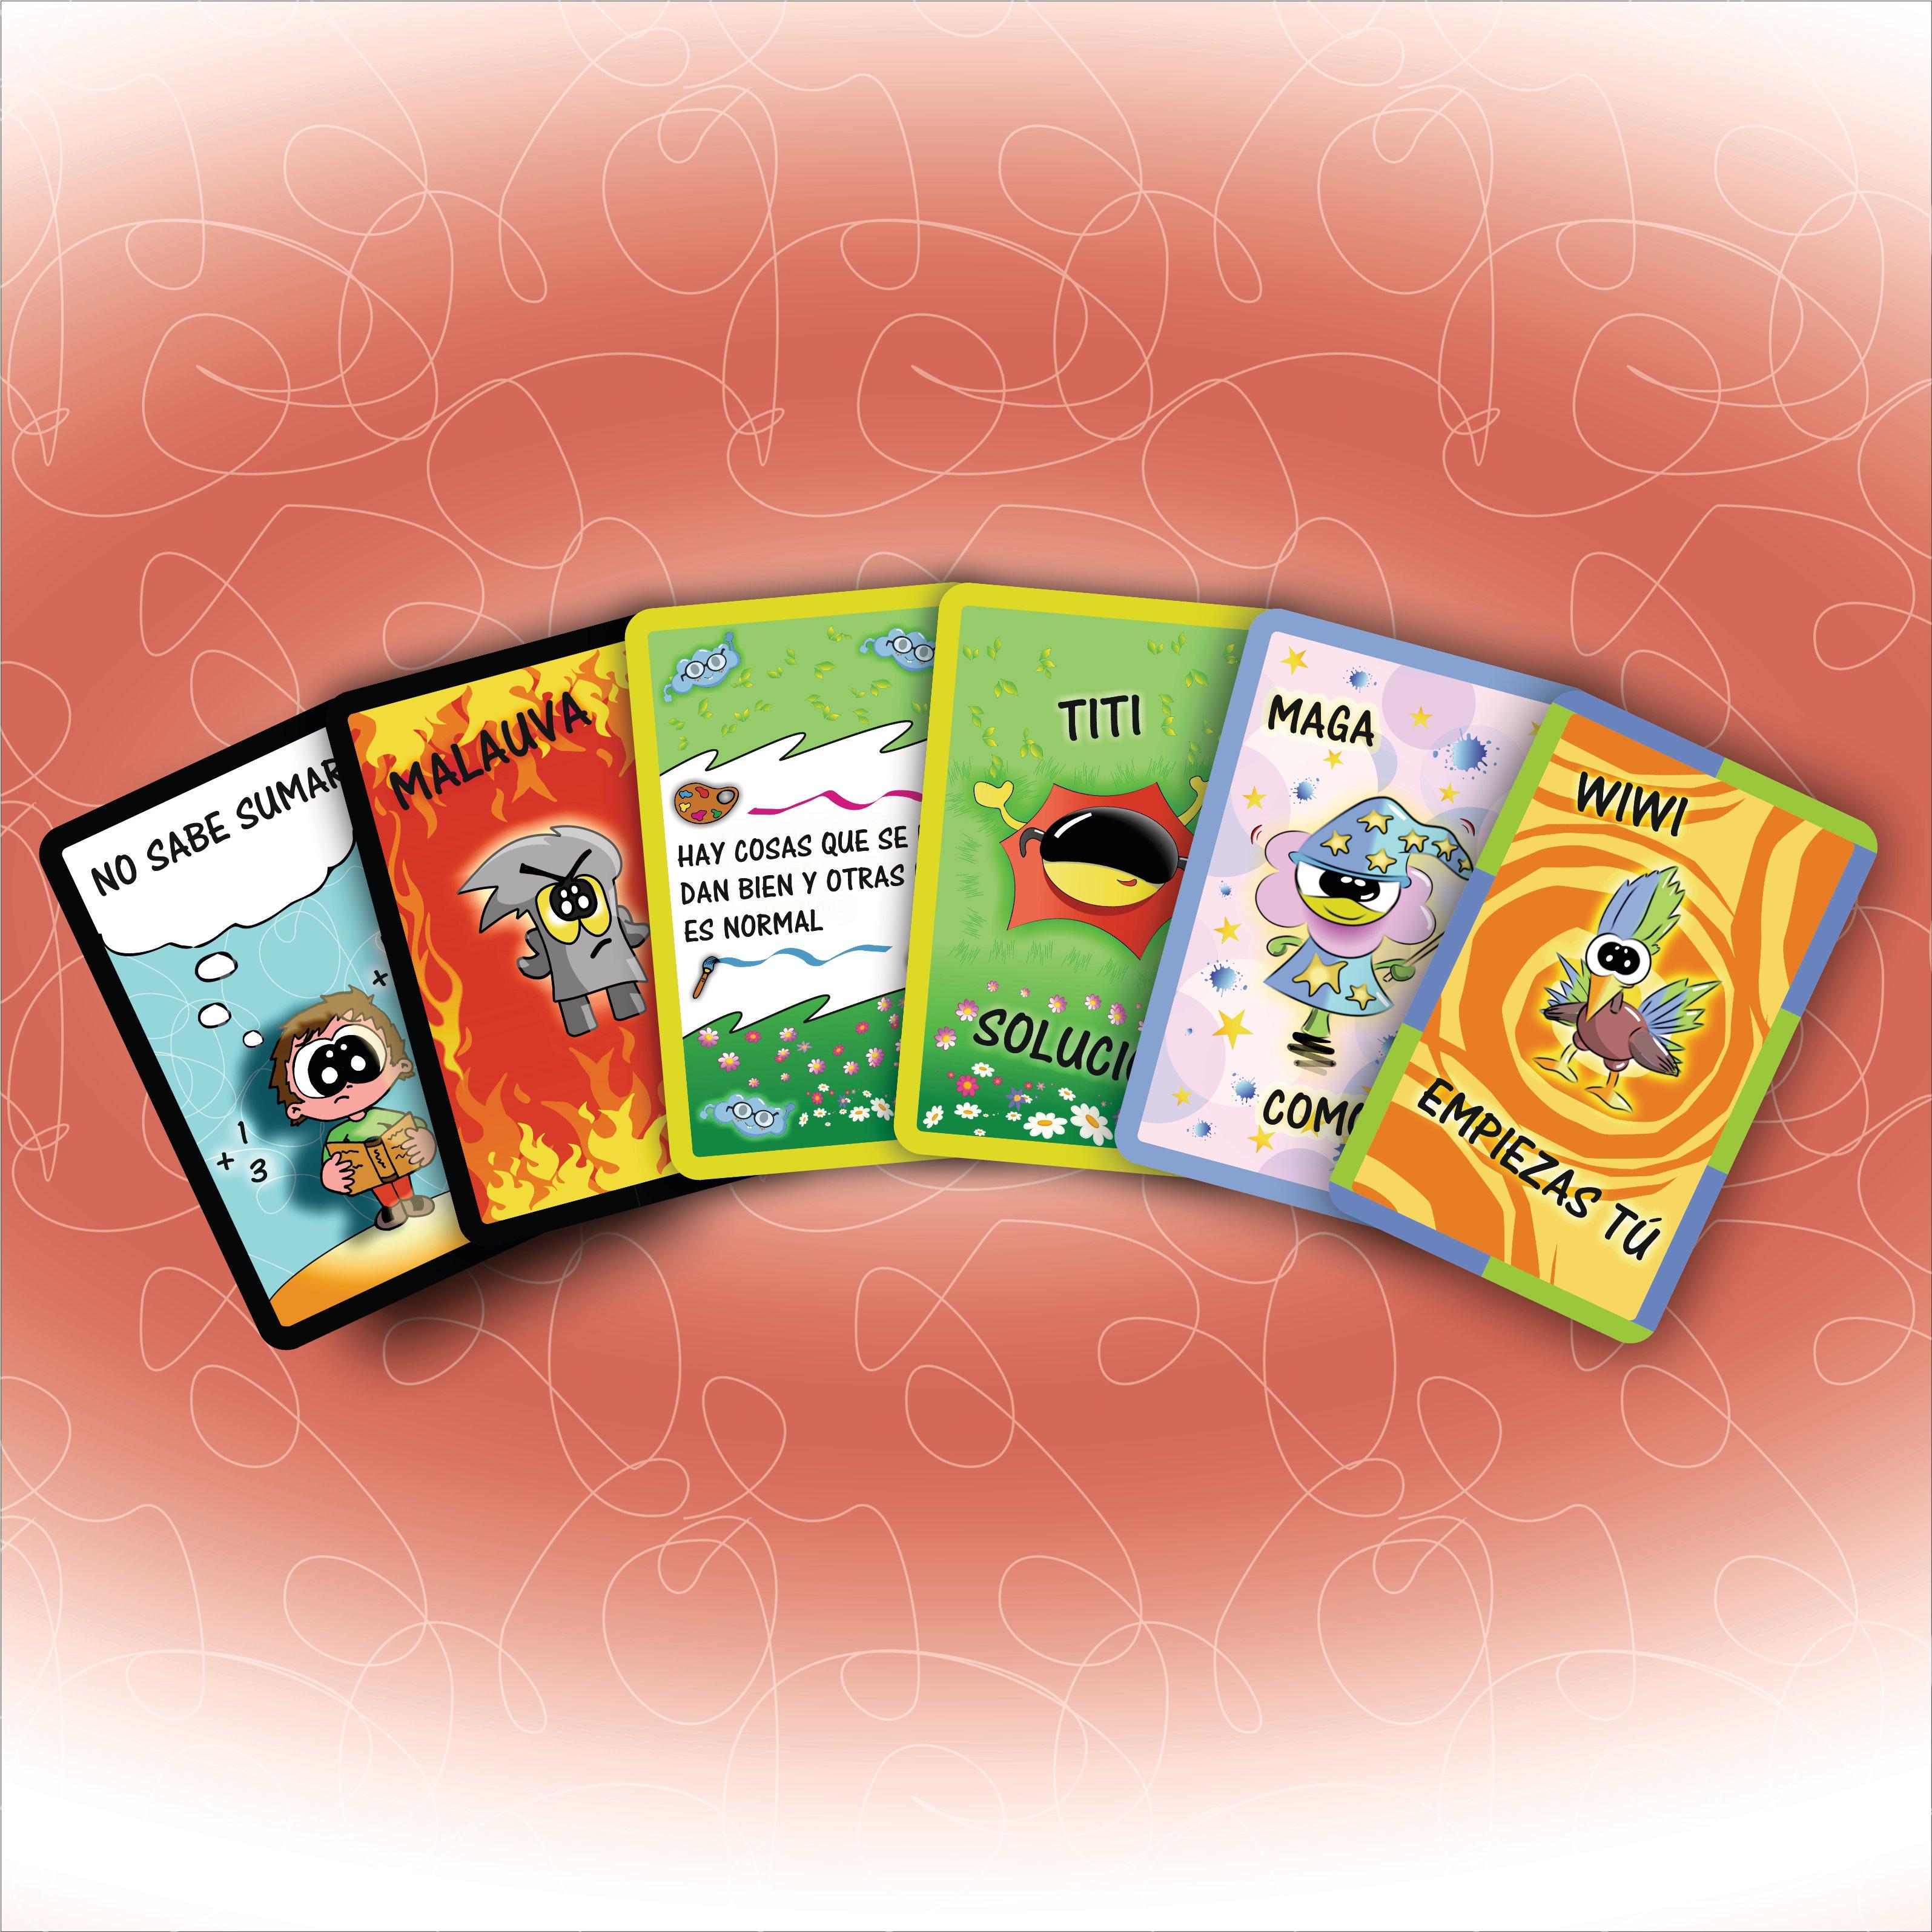 Juego de cartas descargable- Motivacion infantil - Inteligencia emocional 00002O